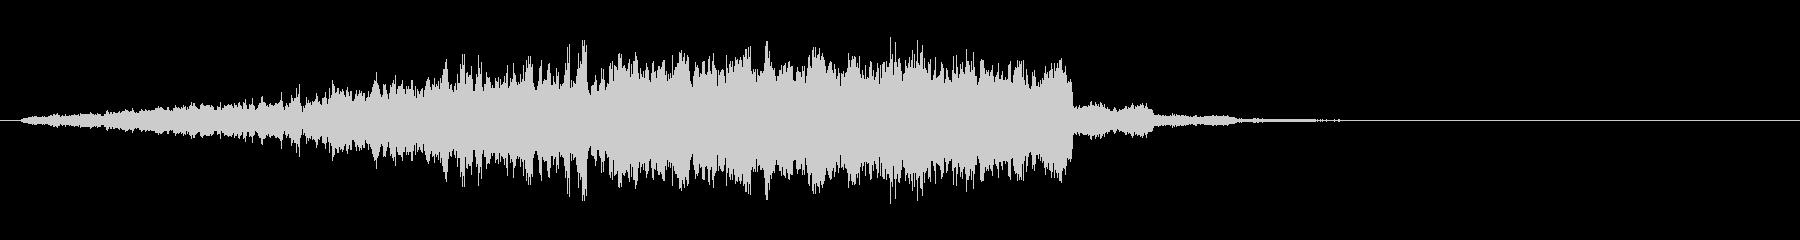 企業_エレクトロニック_ME_SE_8の未再生の波形